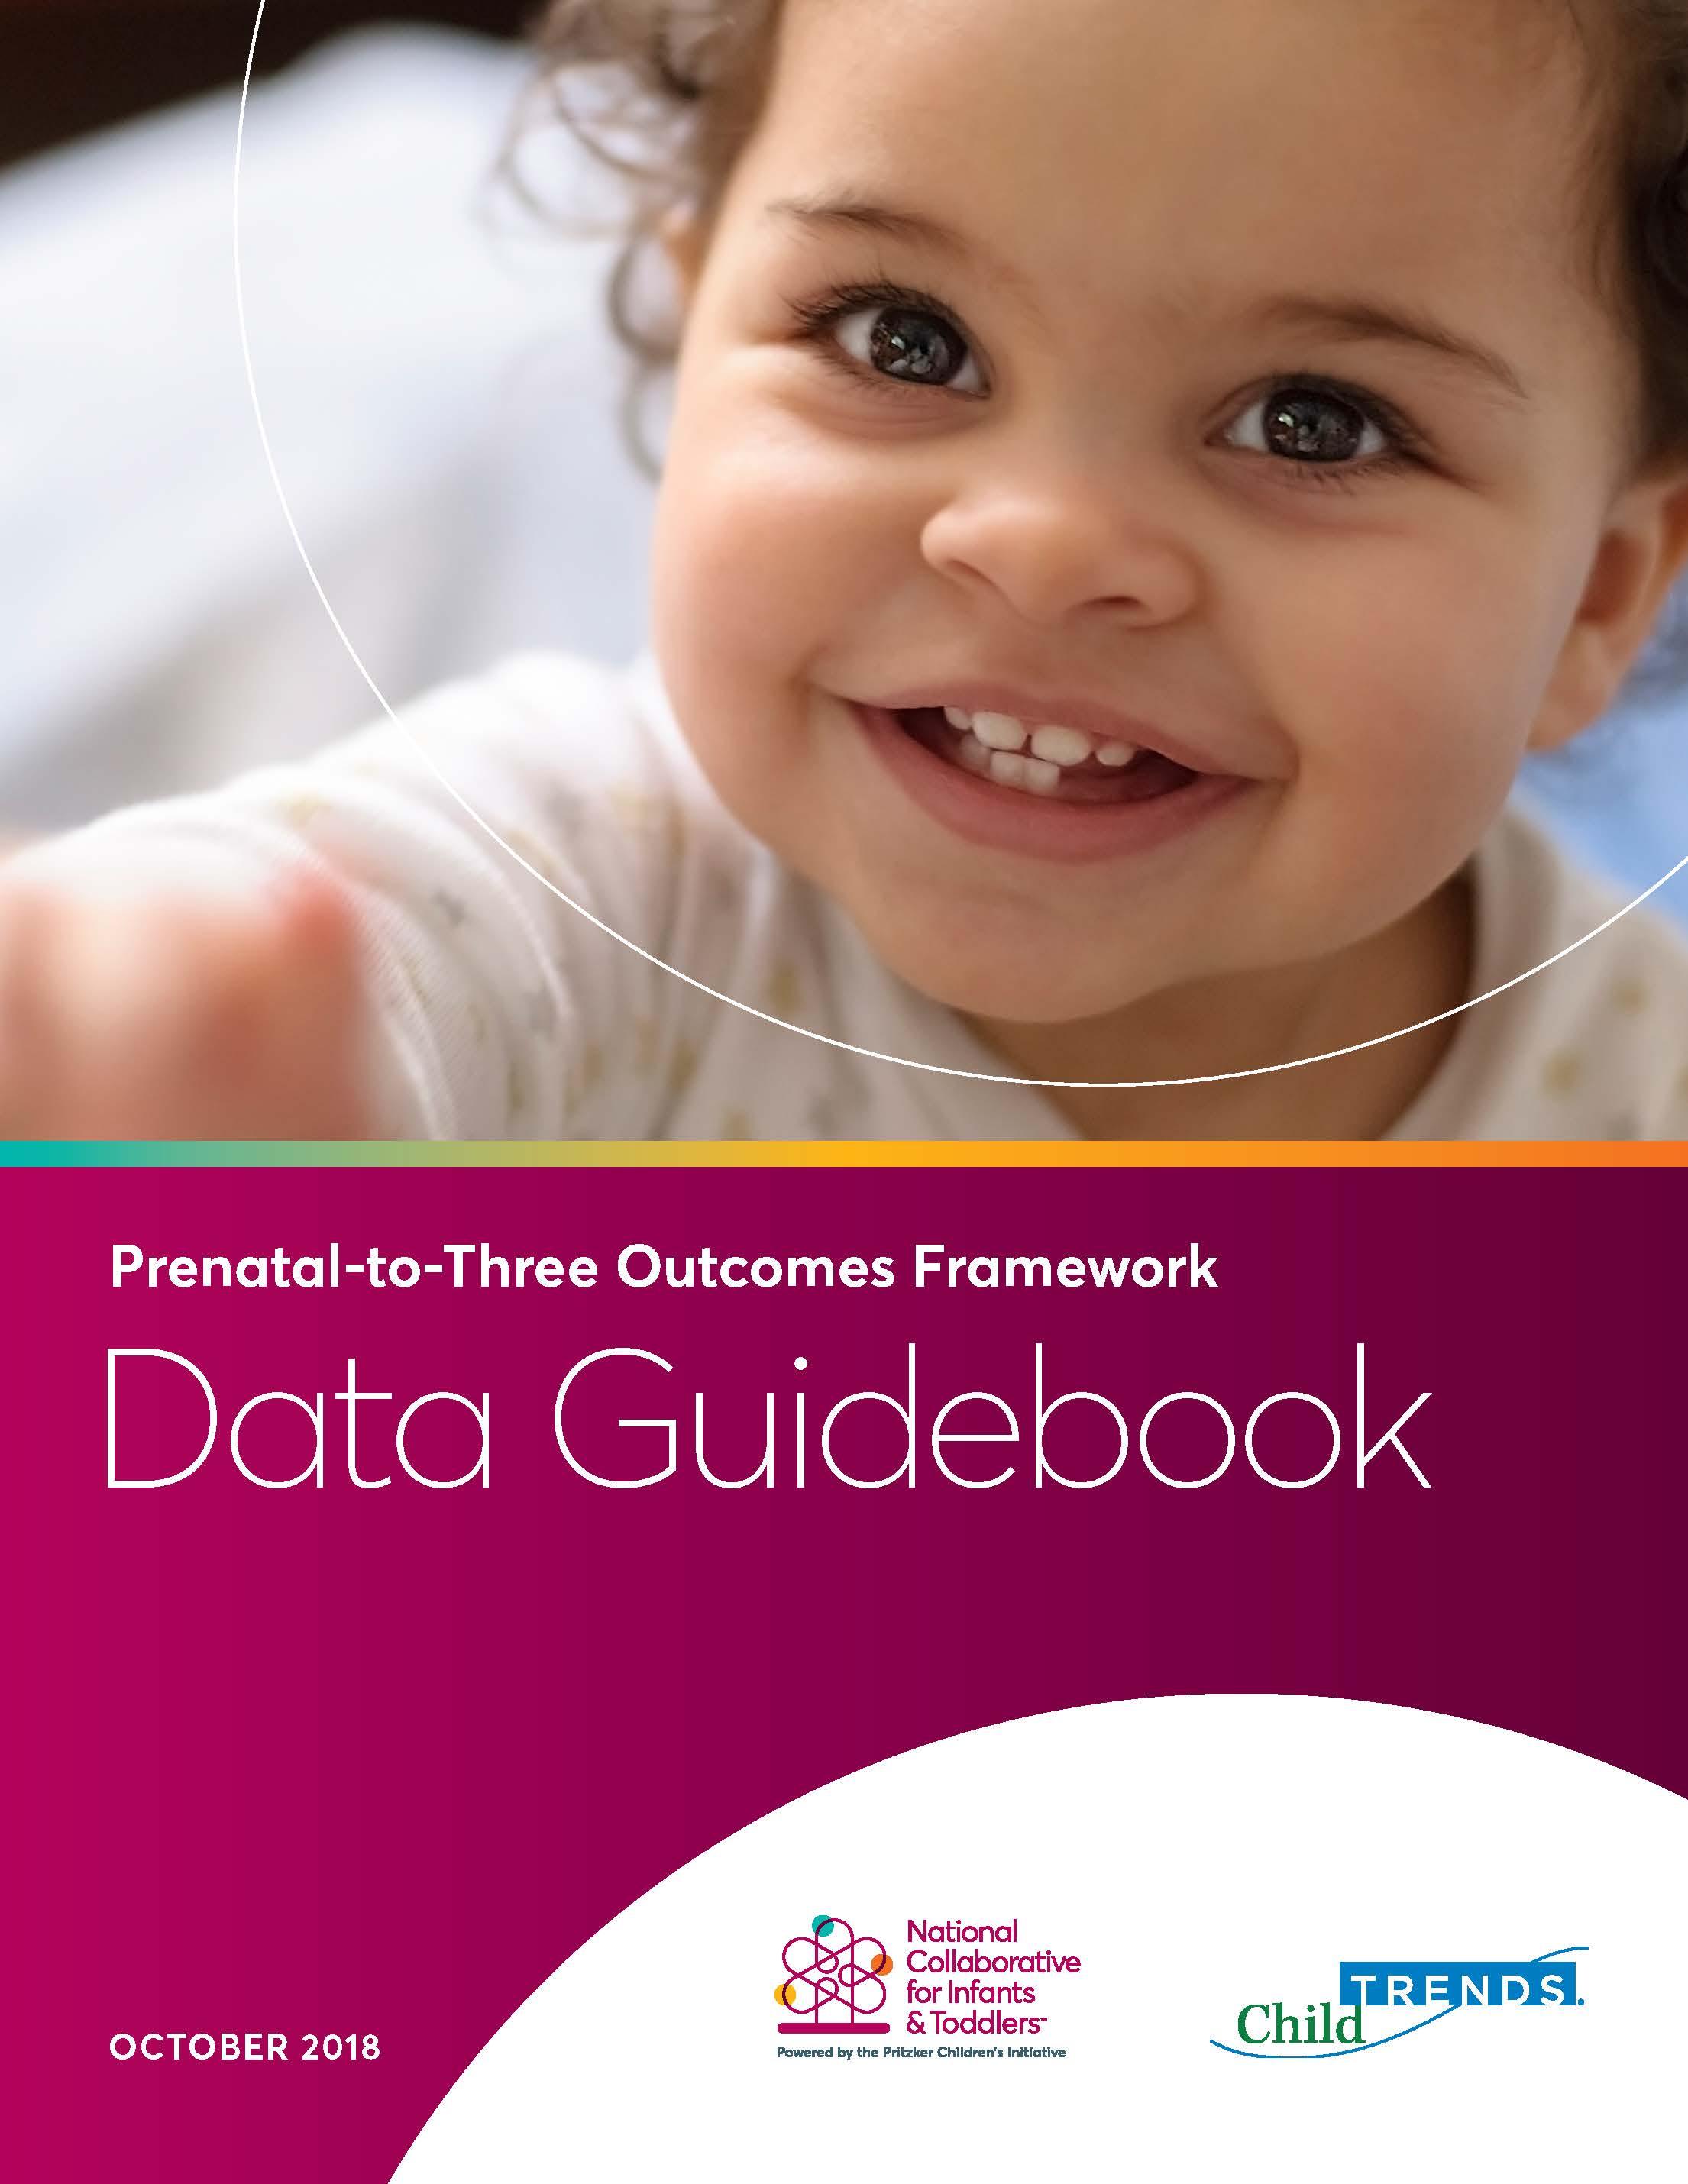 Prenatal-to-Three Data Guidebook